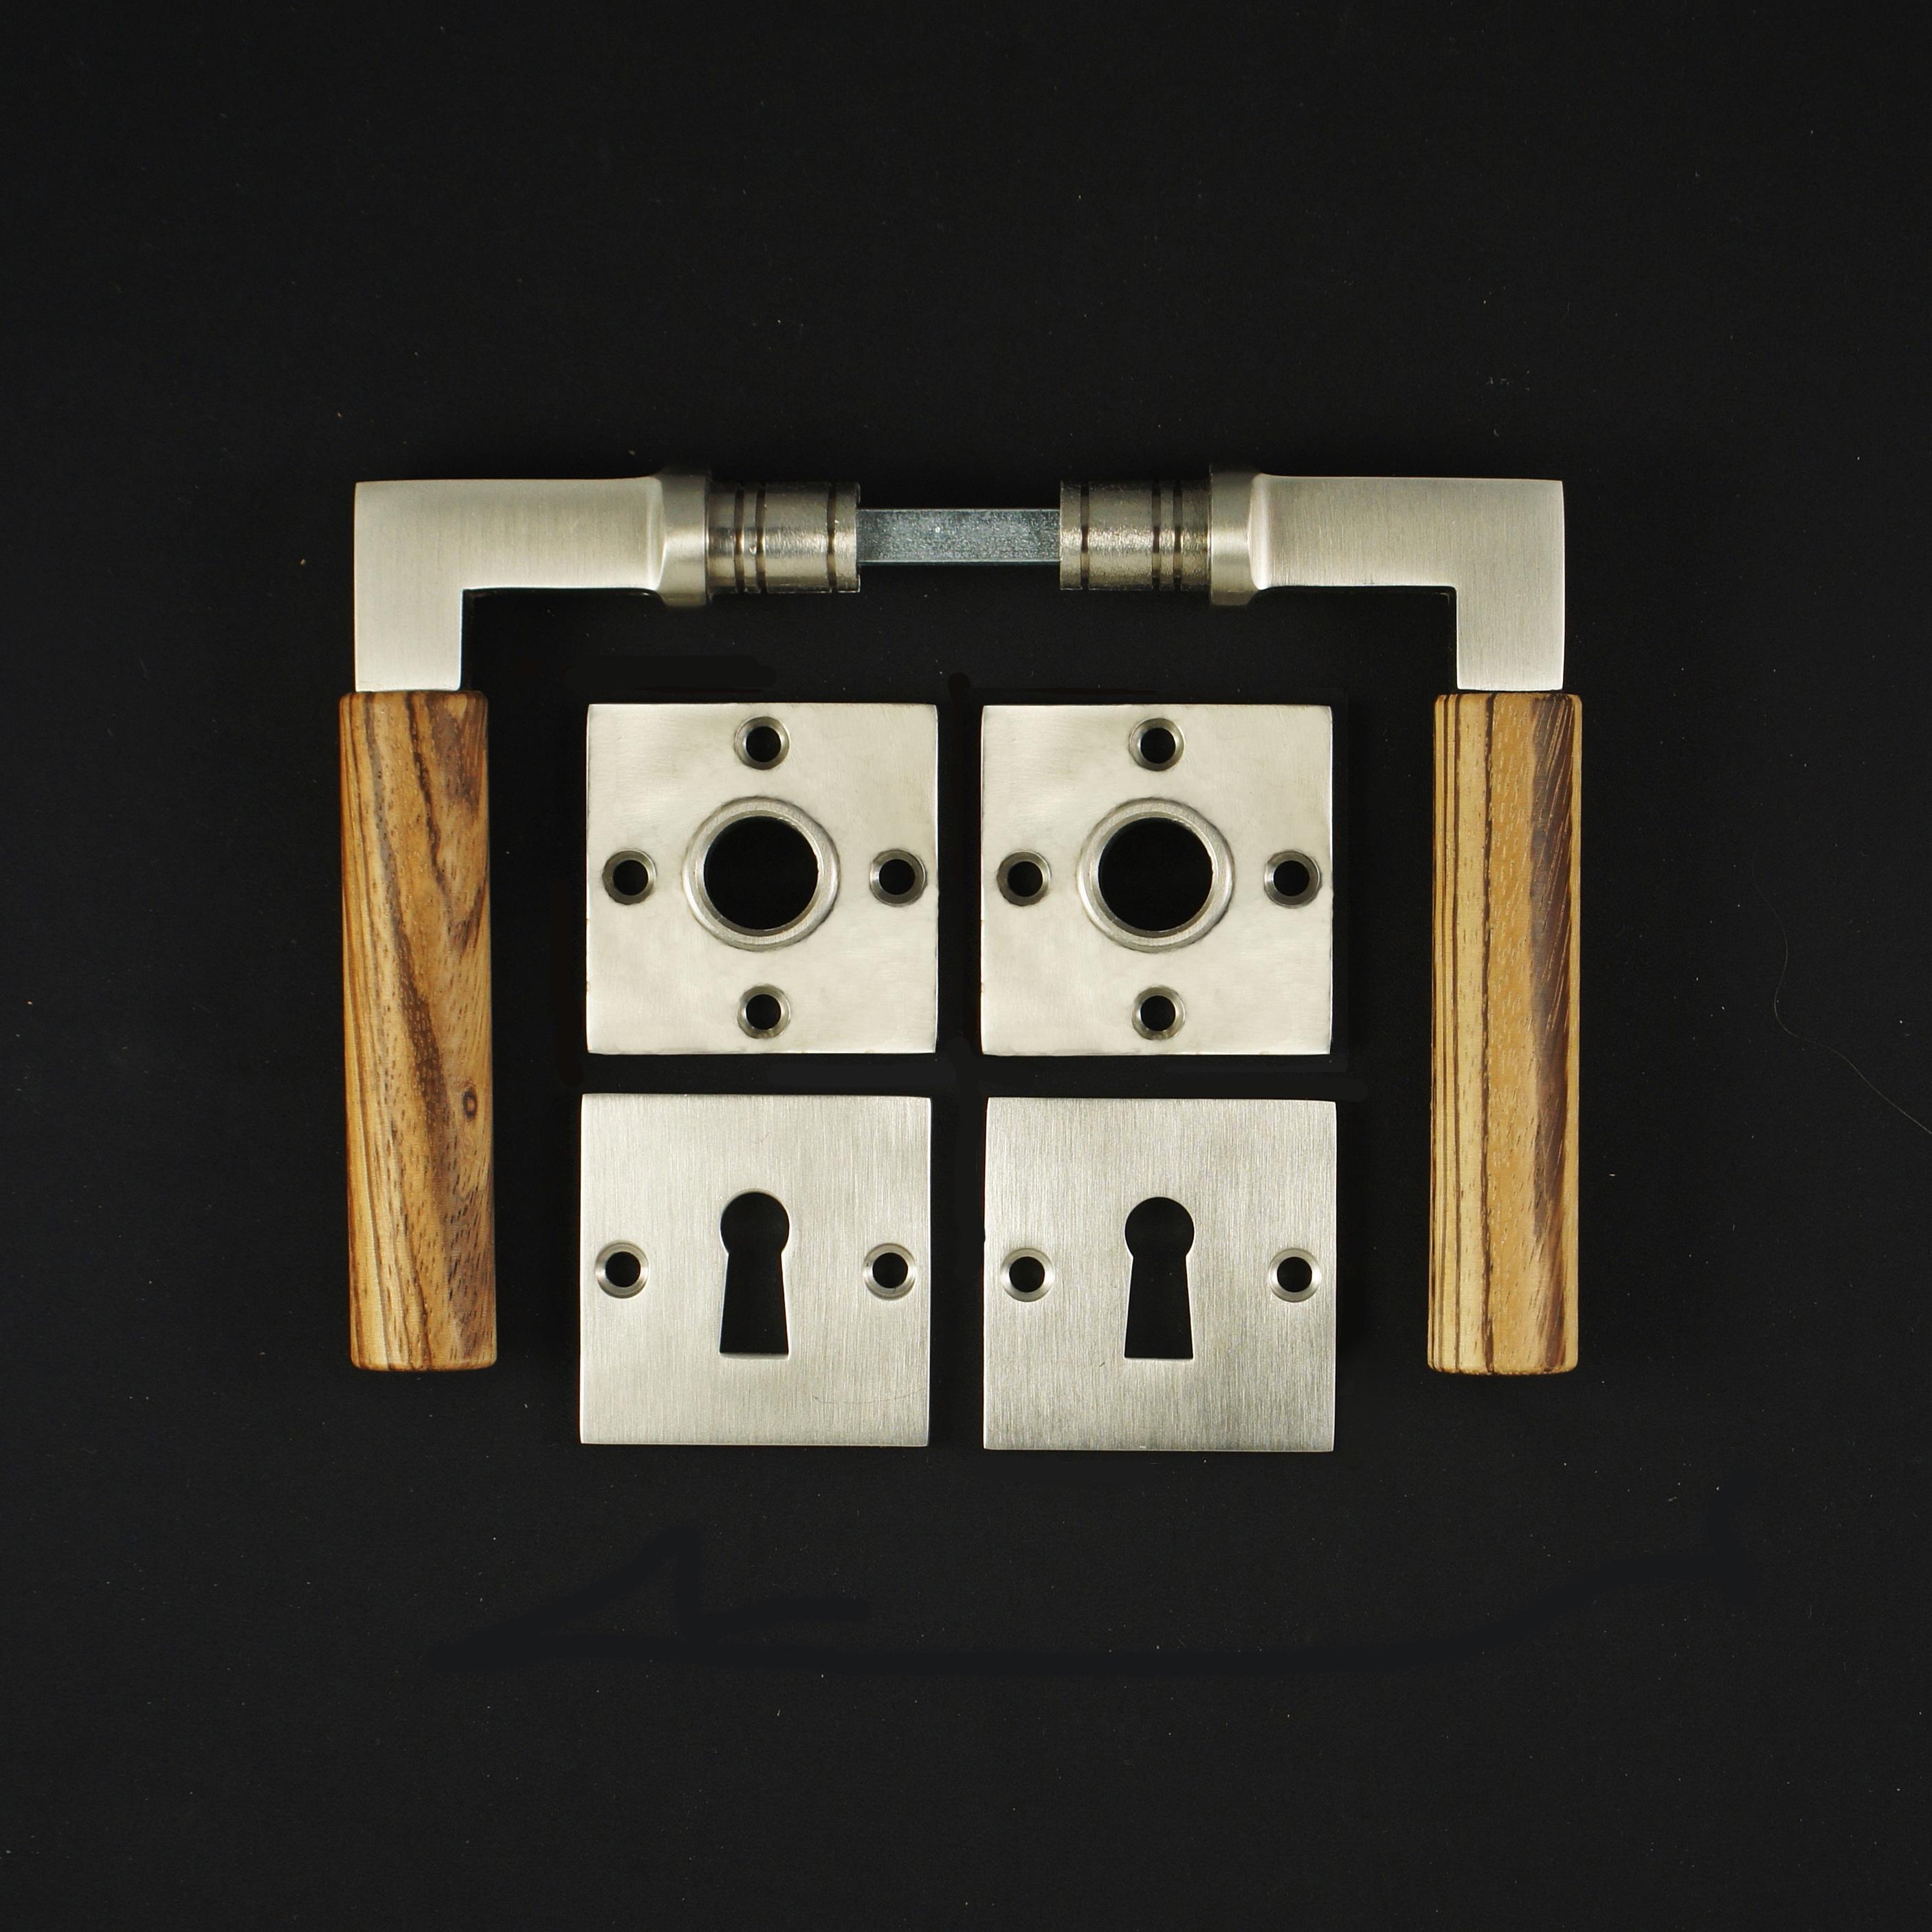 Zimmertür Rosettengarnitur BB im Bauhaustil - antike Türdrücker, Türklinken, Türbeschläge